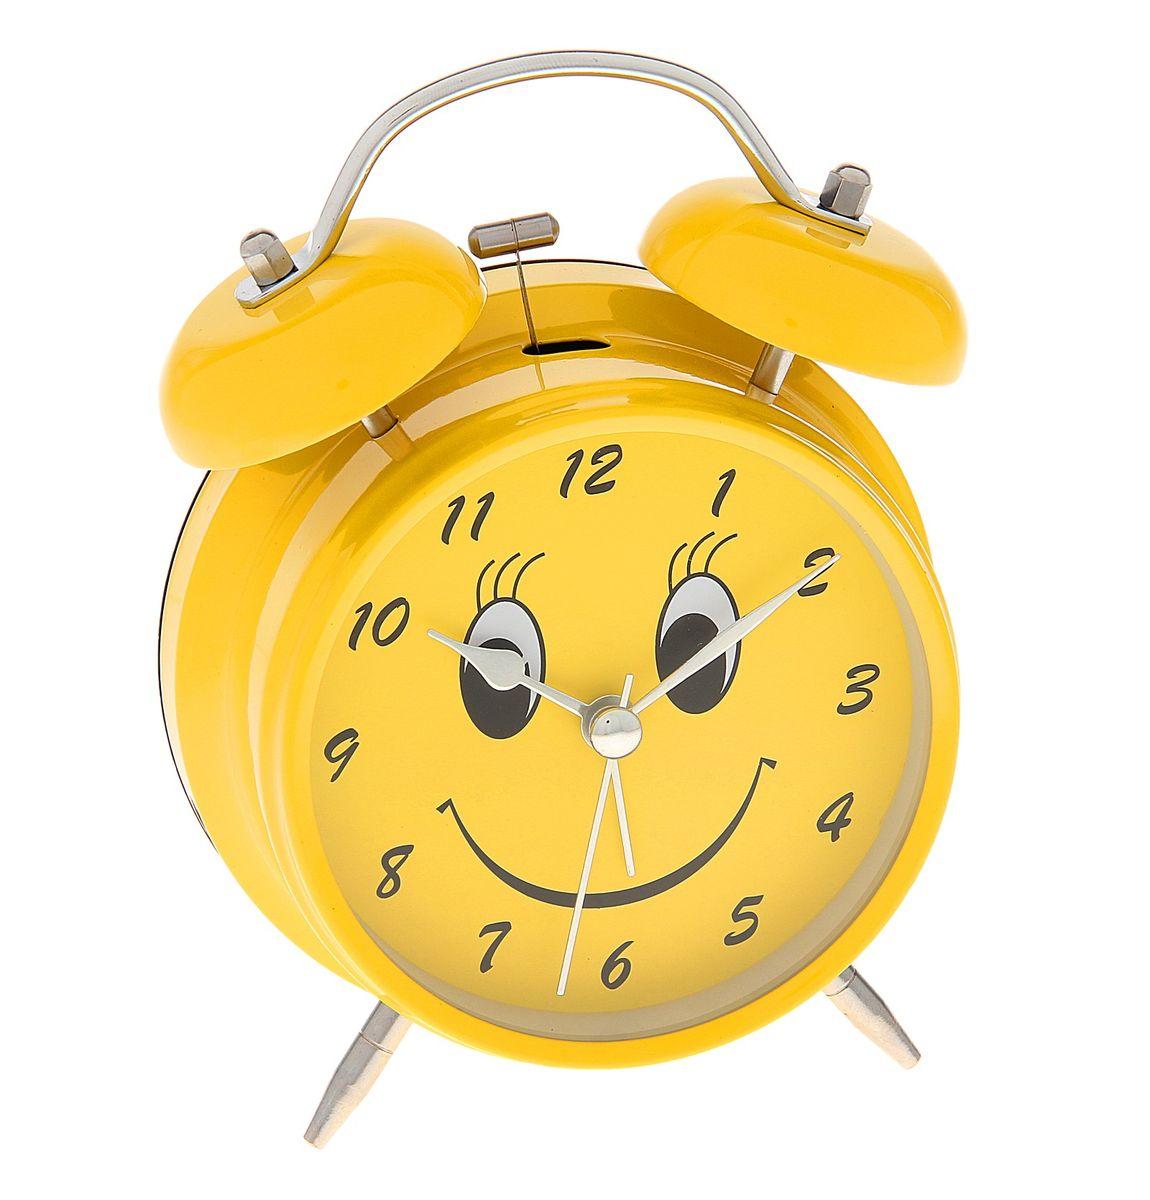 Часы-будильник Sima-land Смайл, цвет: желтый. 720829720829Как же сложно иногда вставать вовремя! Всегда так хочется поспать еще хотя бы 5 минут и бывает, что мы просыпаем. Теперь этого не случится! Яркий, оригинальный будильник Sima-land Смайл поможет вам всегда вставать в нужное время и успевать везде и всюду.Корпус будильника выполнен из металла. Циферблат оформлен изображением веселого смайла. Часы снабжены 4 стрелками (секундная, минутная, часовая и для будильника). На задней панели будильника расположен переключатель включения/выключения механизма, а также два колесика для настройки текущего времени и времени звонка будильника. Часы снабжены подсветкой, которая включается нажатием на кнопку с задней стороны. Пользоваться будильником очень легко: нужно всего лишь поставить батарейку, настроить точное время и установить время звонка. Необходимо докупить 1 батарейку типа АА (не входит в комплект).